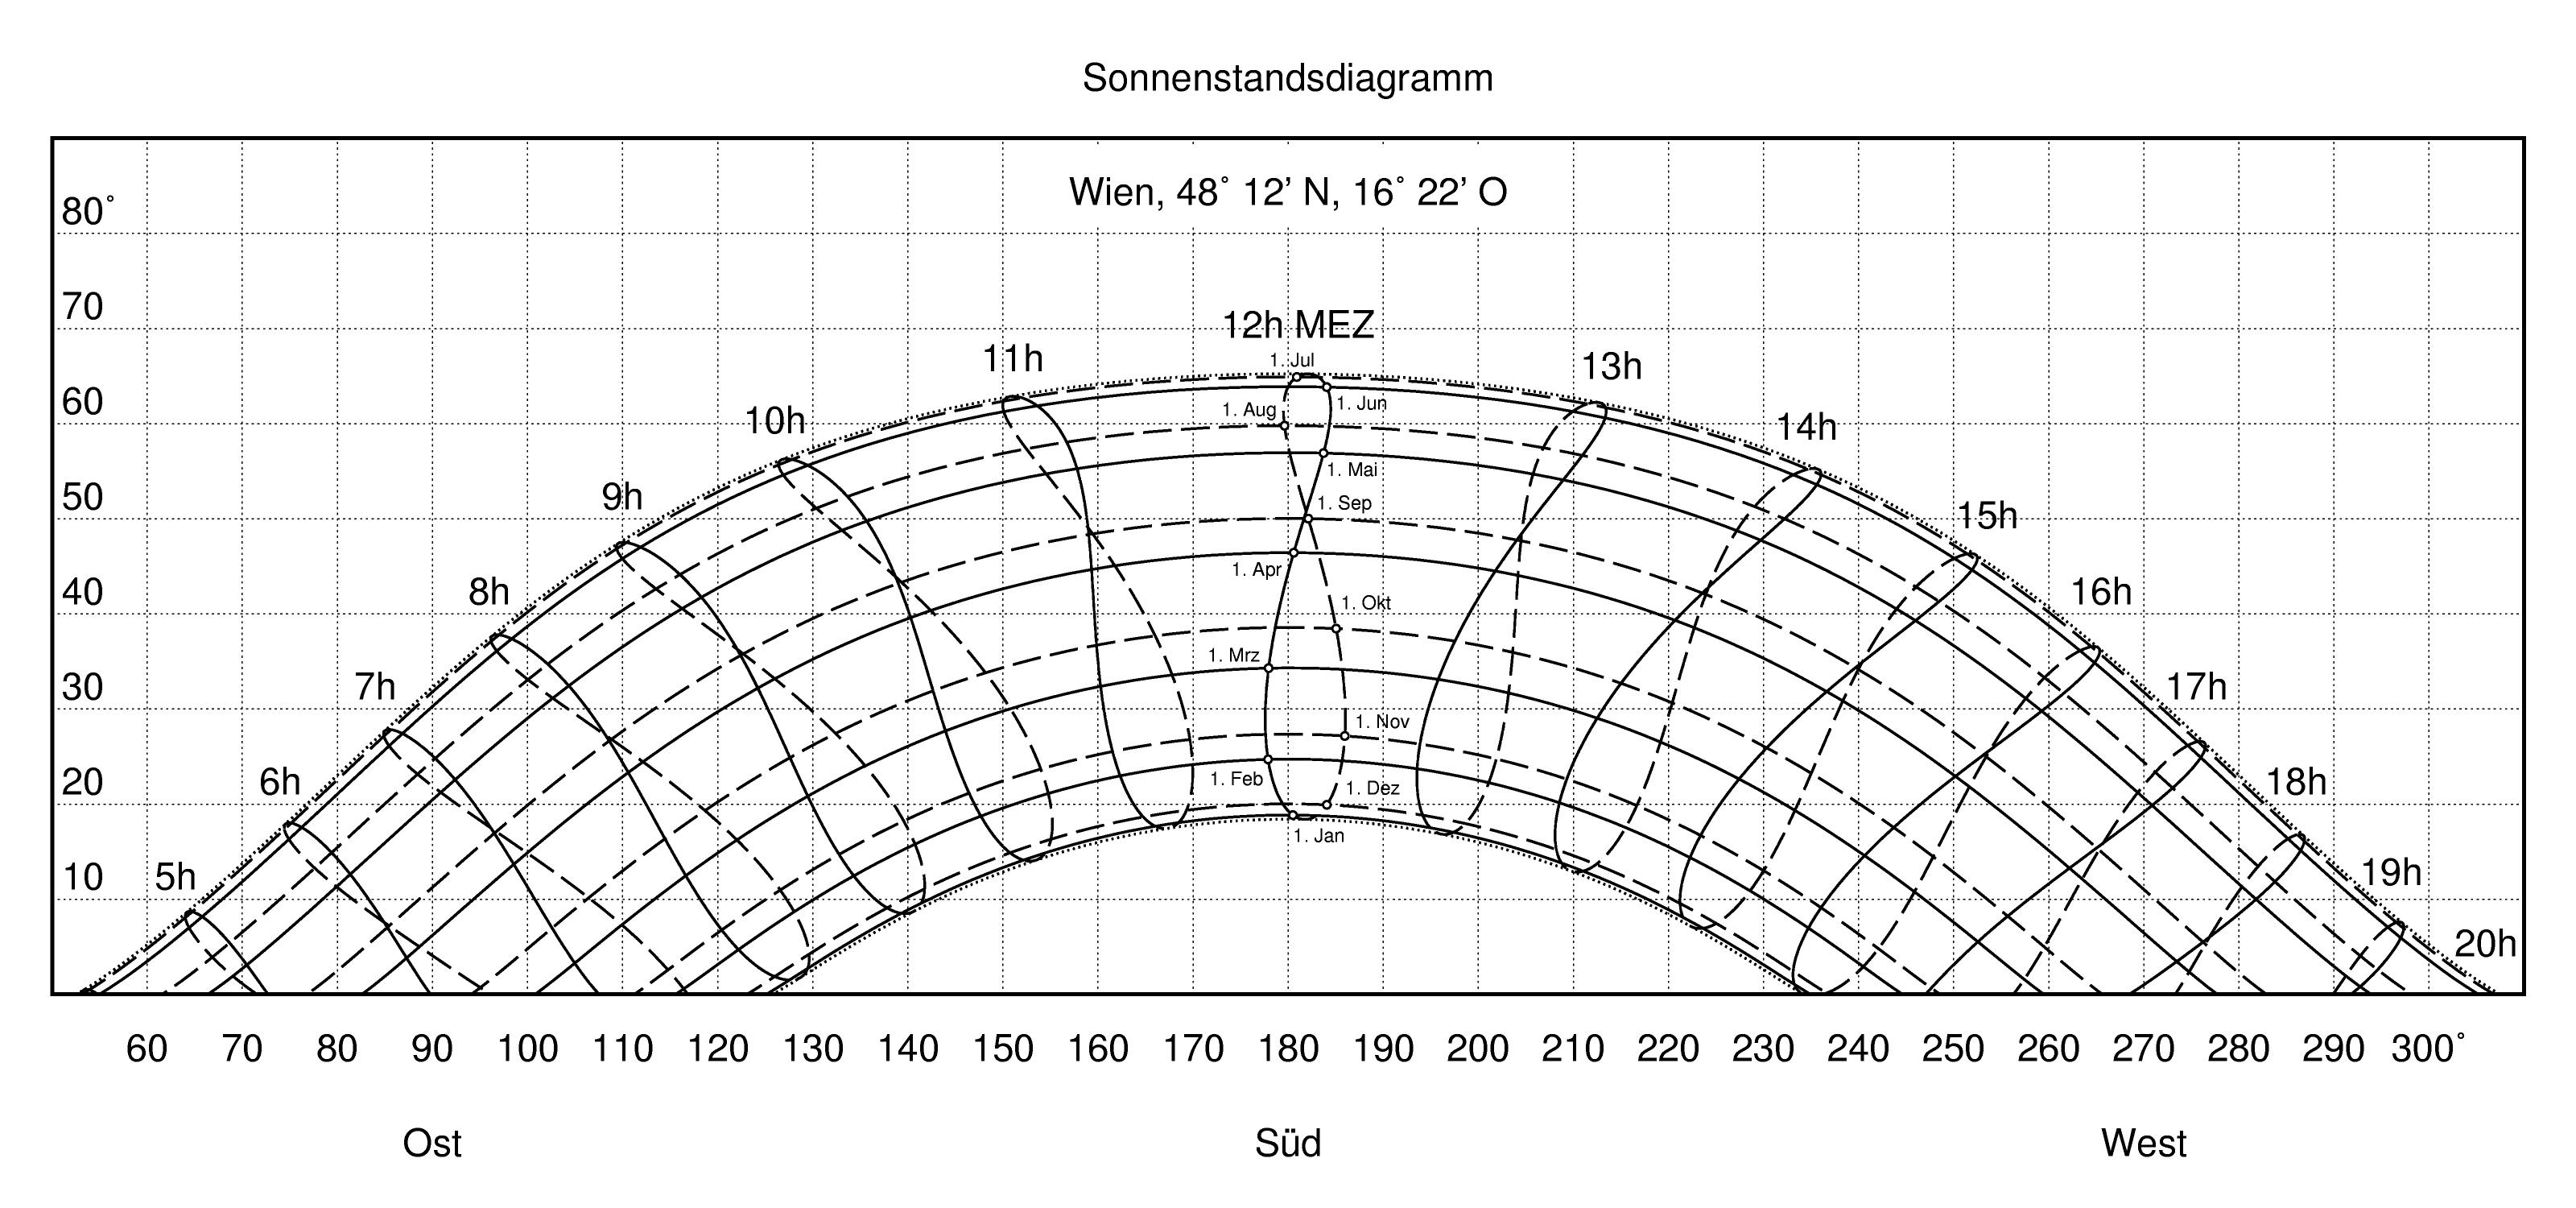 Großartig Schneepflug Diagramm Bilder - Die Besten Elektrischen ...